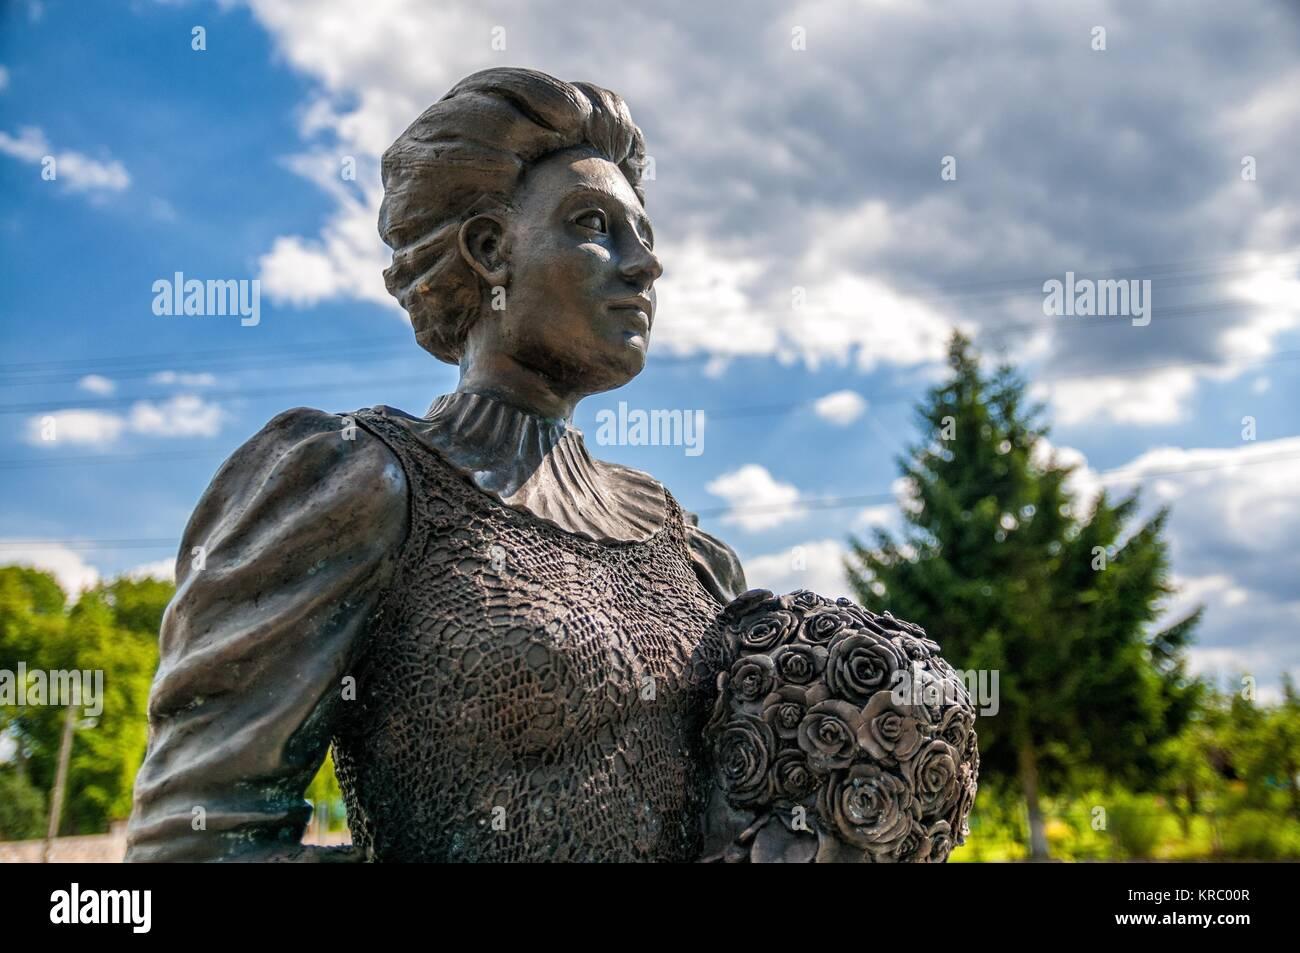 Statue Of The Countess Elizabeth Von Arnim In Village Buk West